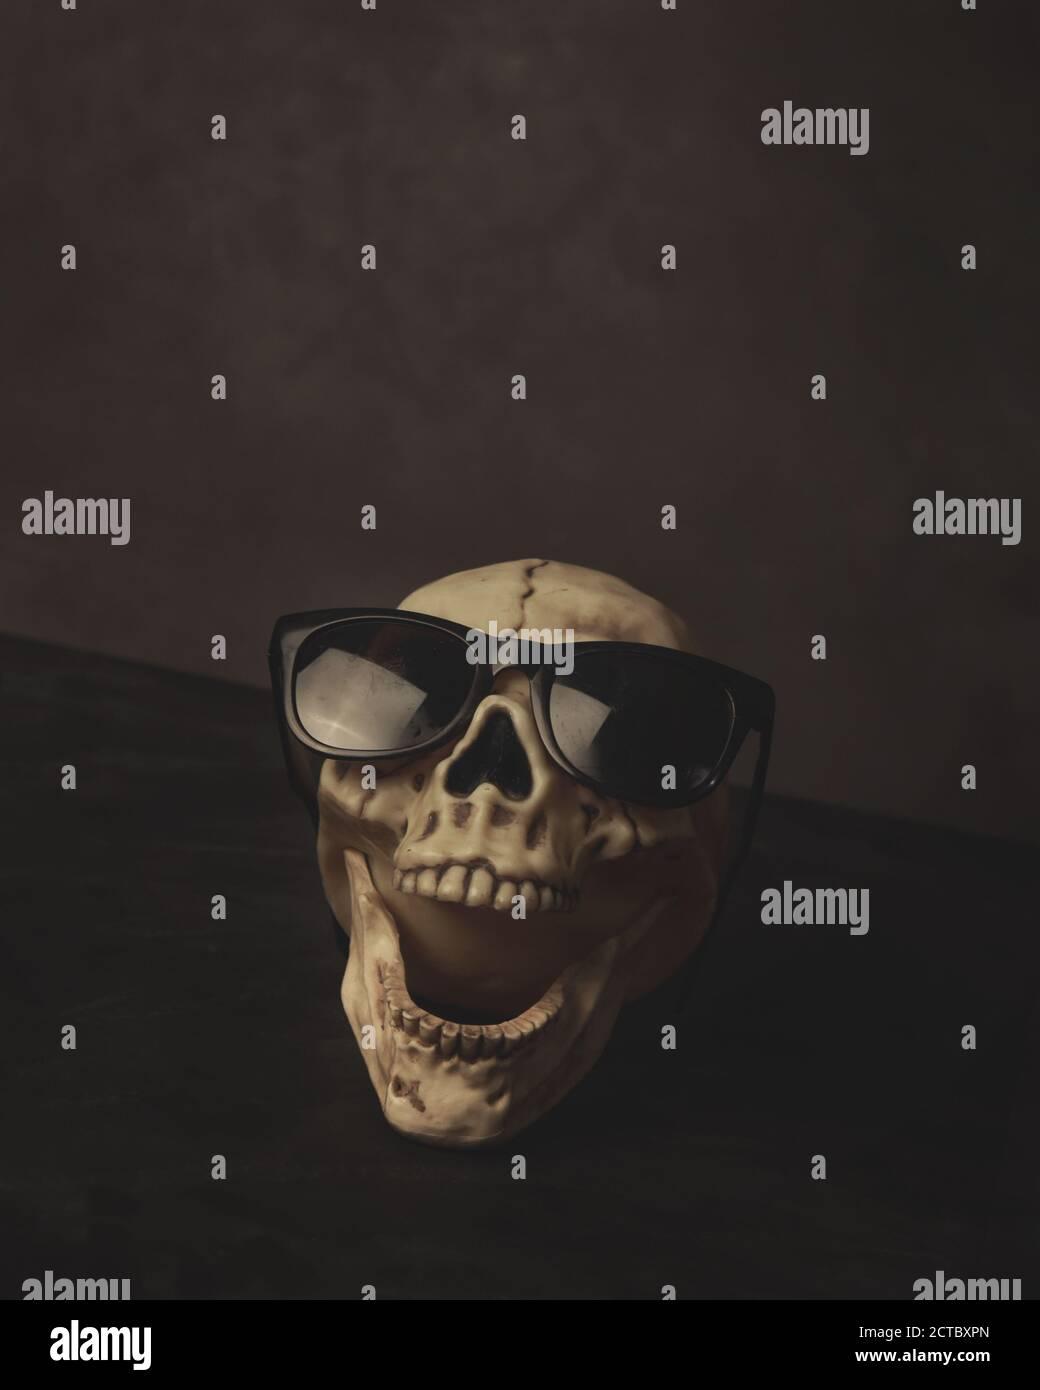 Une tête de crâne de skelton effrayante rie avec des lunettes de soleil noires sur pour un concept de peur. Banque D'Images